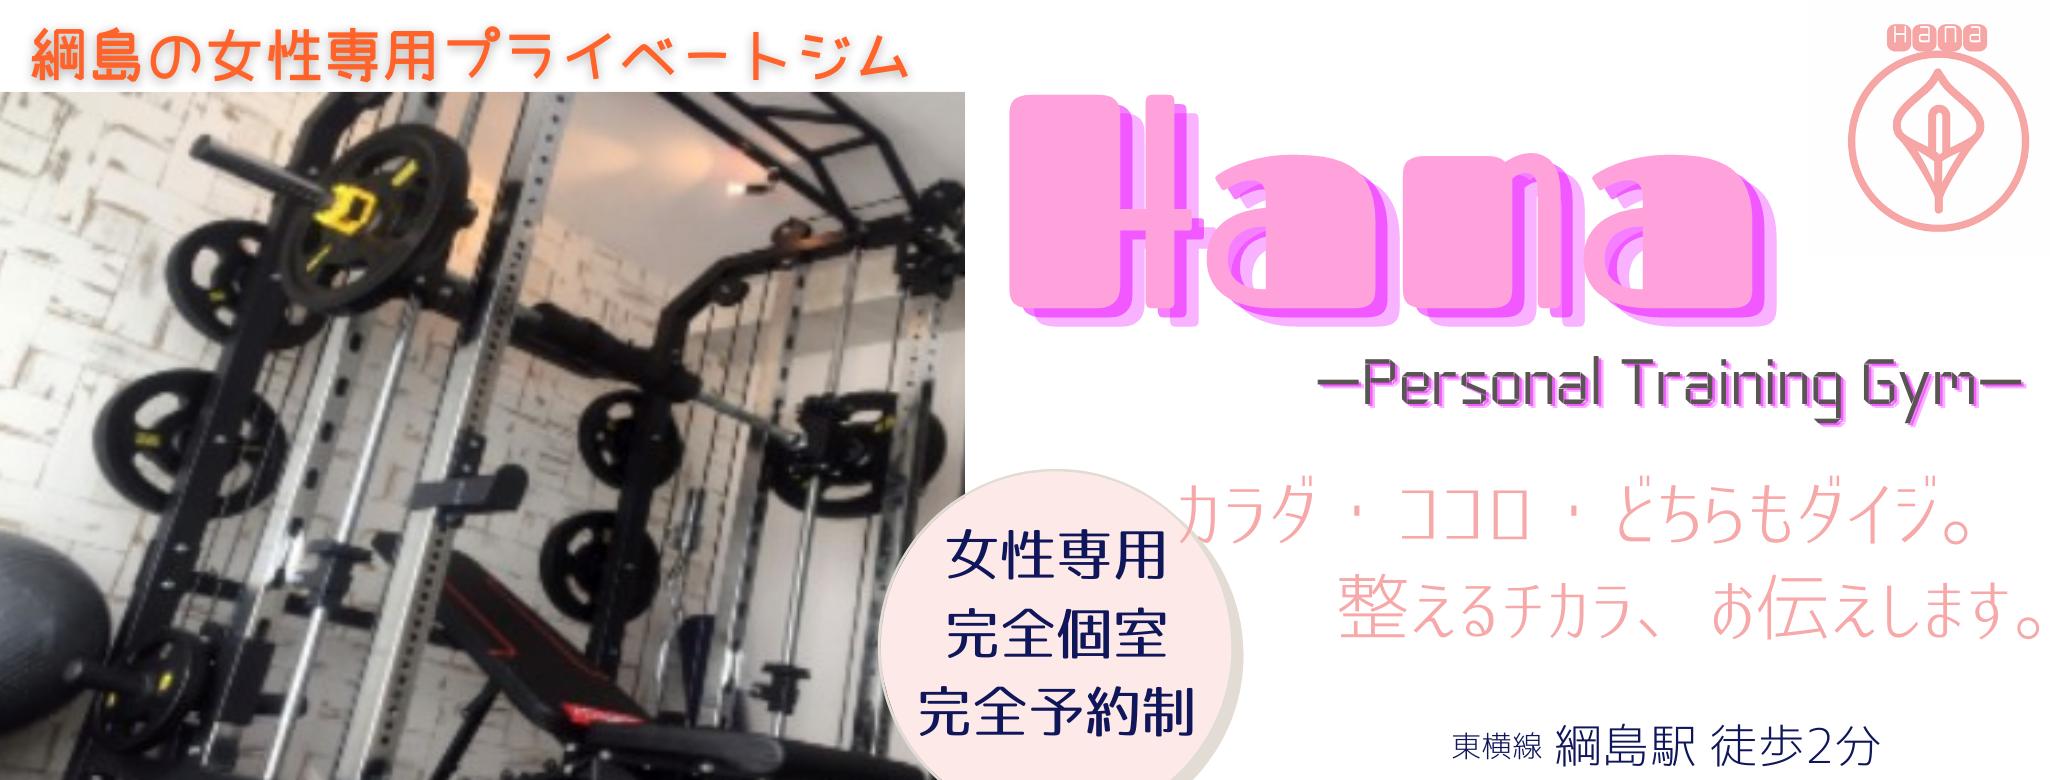 Hana top